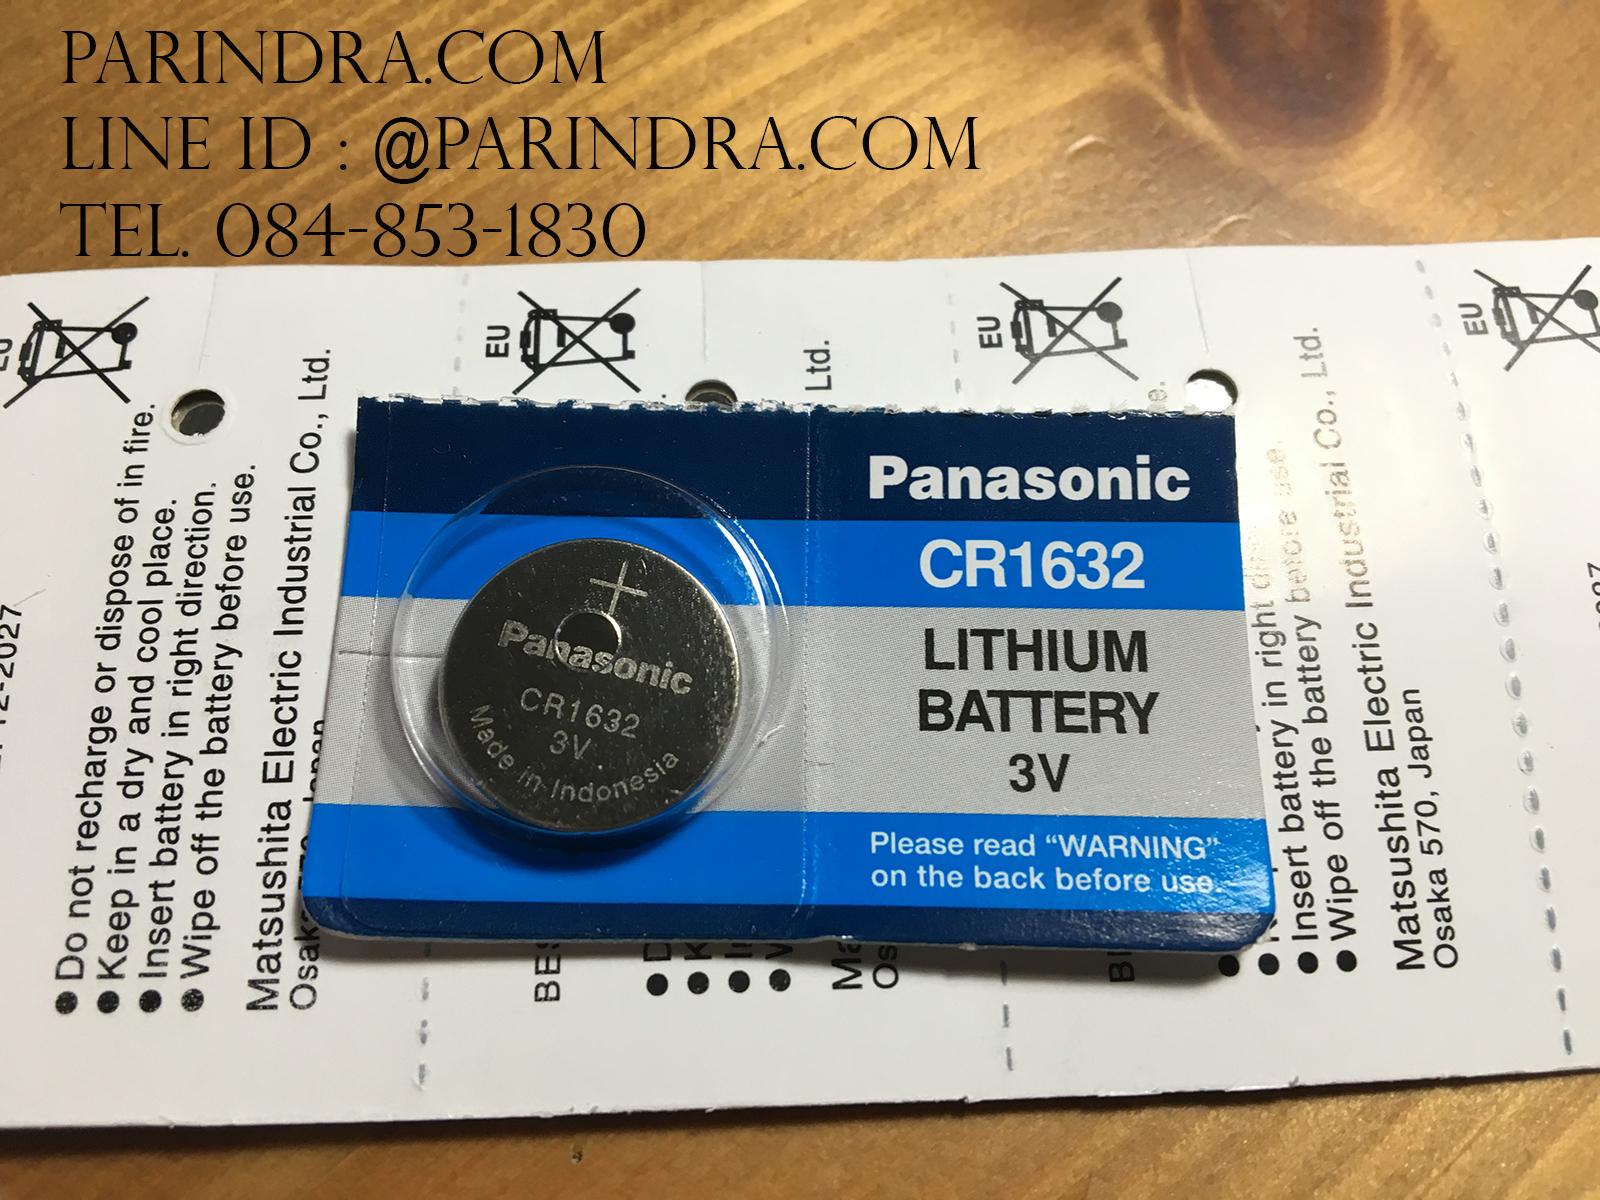 แบตเตอรี่เม็ดกระดุม PANASONIC CR1632 3V Lithium Battery สำหรับ รีโมทรถยนต์